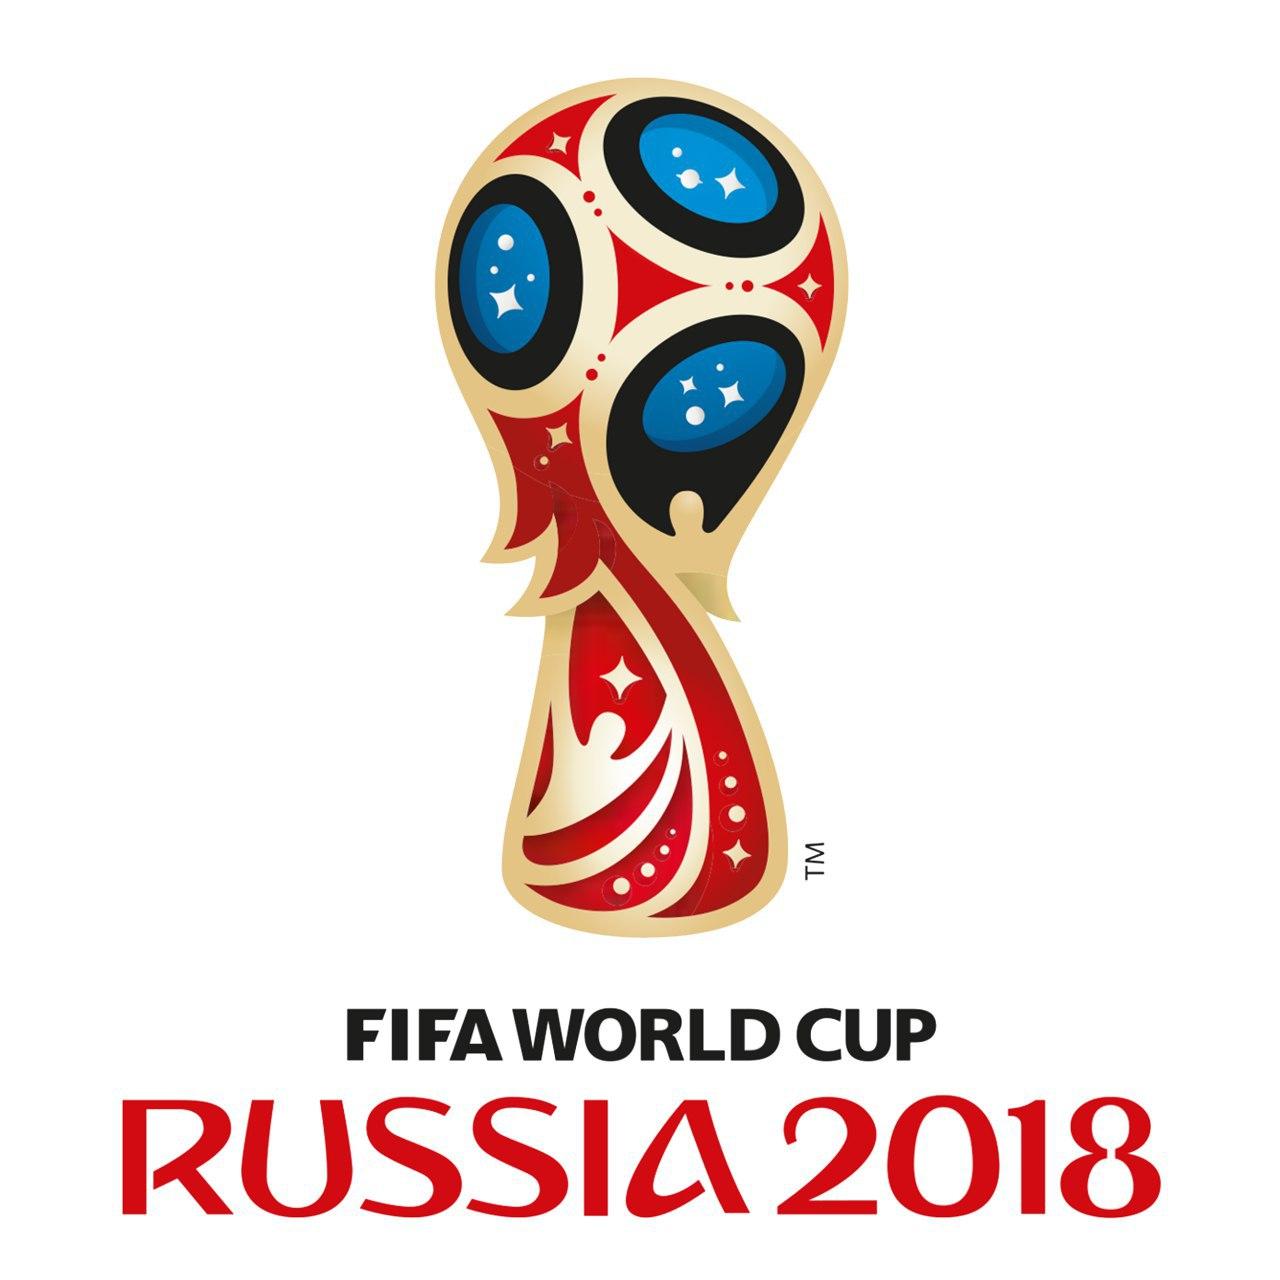 ساعت و شبکه های پخش کننده قرعه کشی جام جهانی 2018